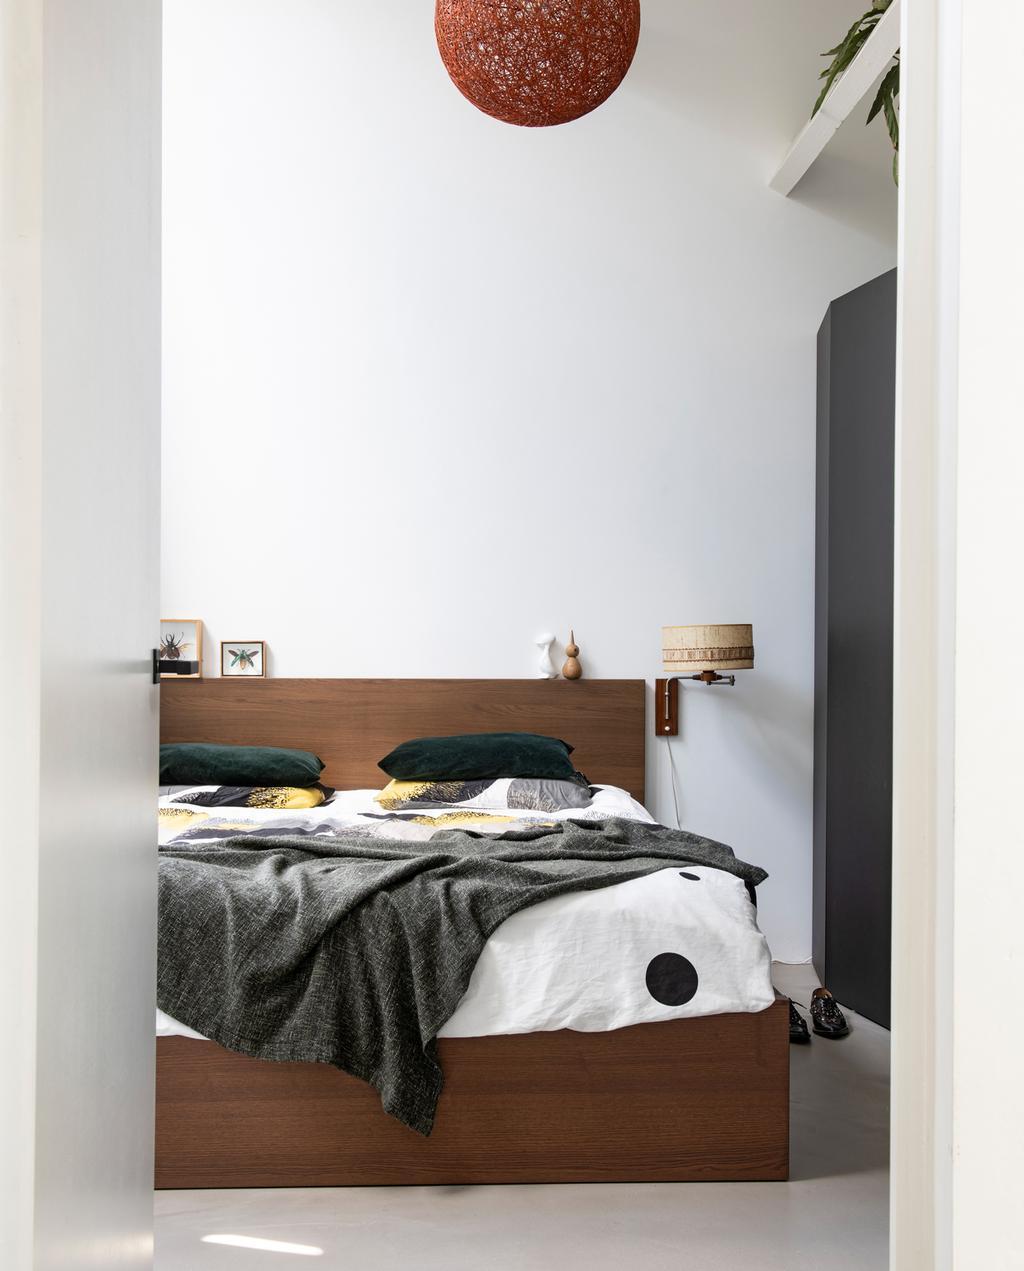 vtwonen 1-2020 | Binnenkijken in een bungalow in Broek in Waterland slaapkamer